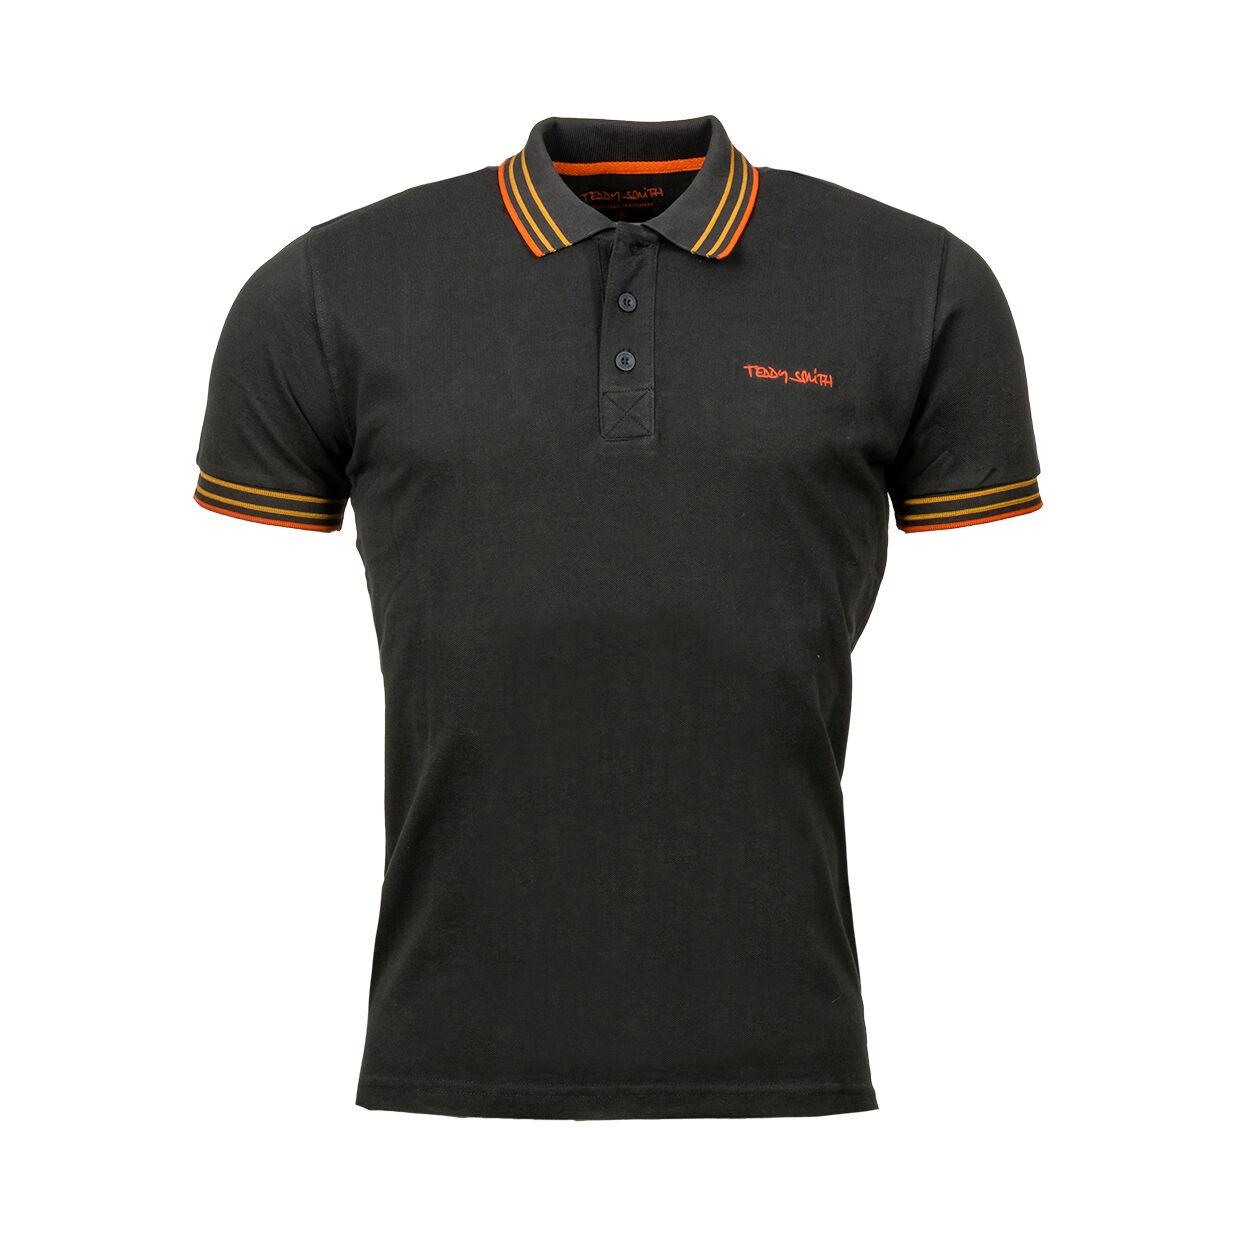 Teddy Smith Polo à manches courtes Teddy Smith Pasian en coton noir charbon à détails orange - Noir charbon - XXL